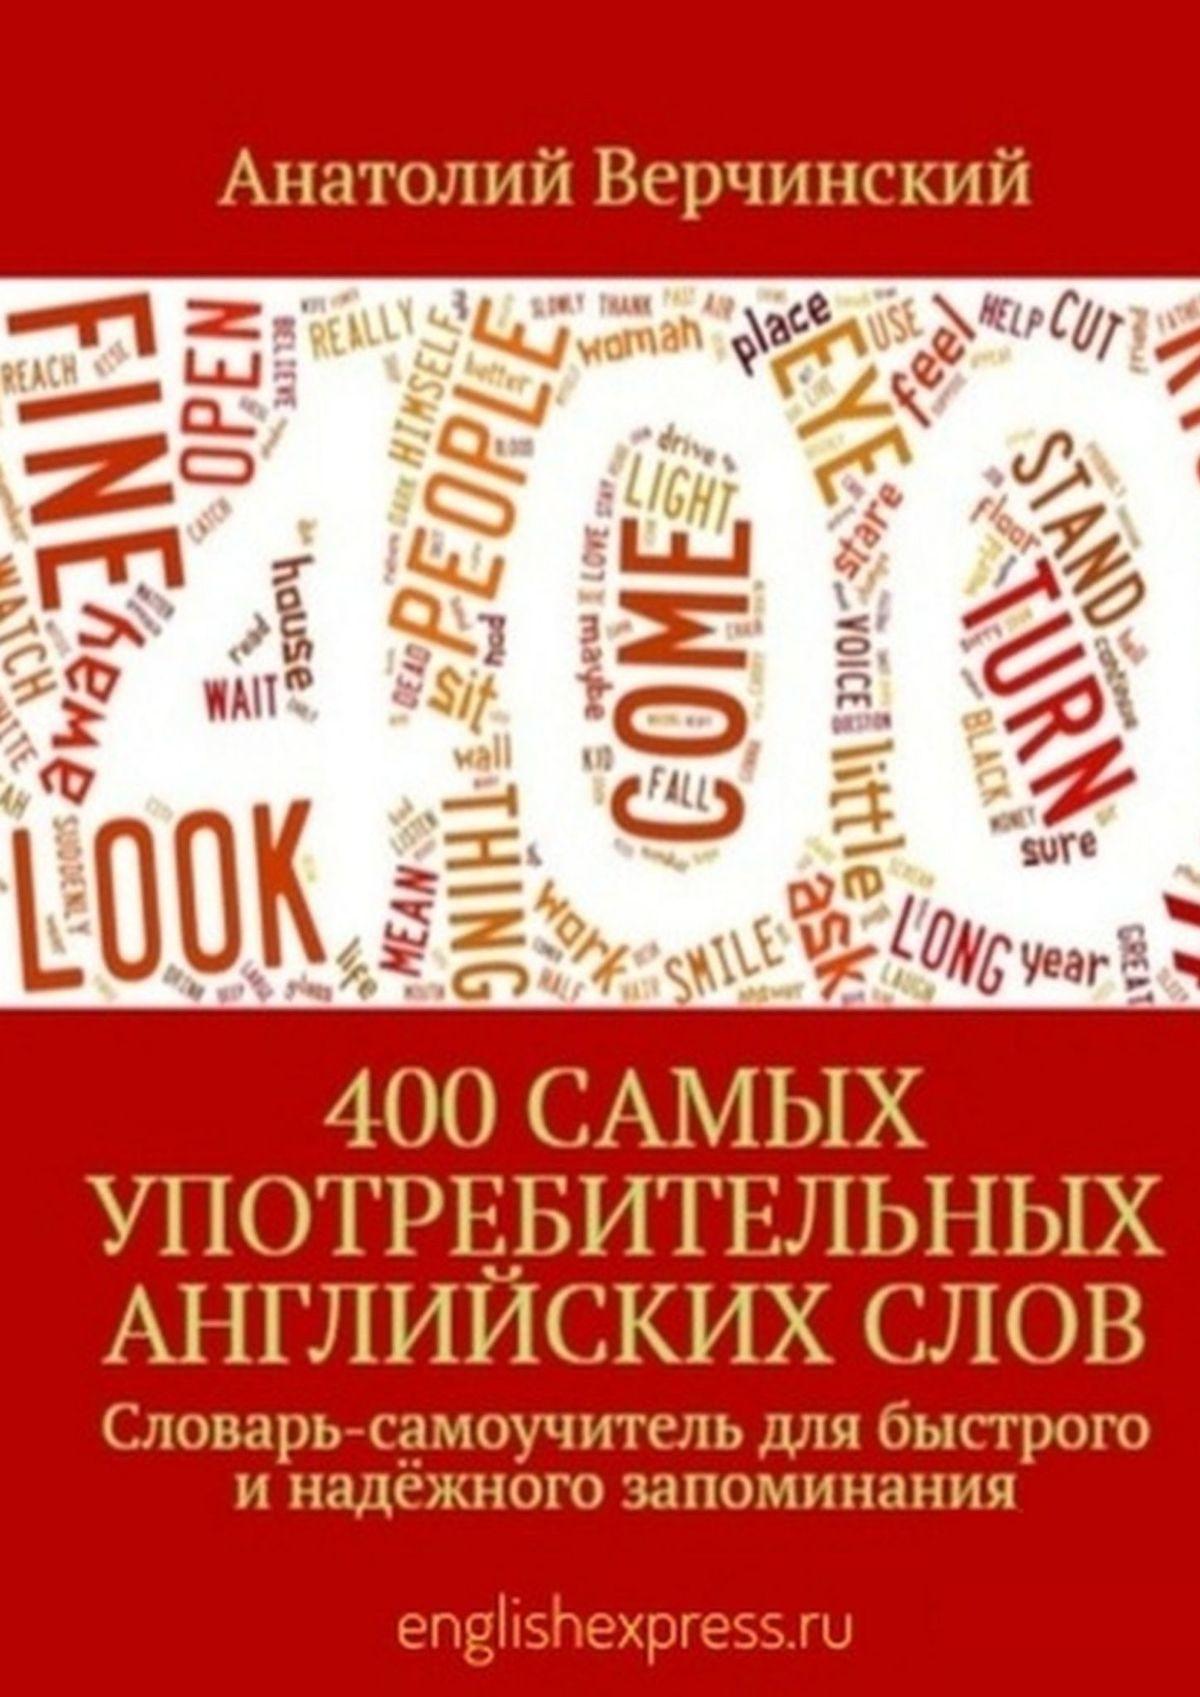 Анатолий Верчинский 400самых употребительных английскихслов. Словарь-самоучитель для быстрого инадёжного запоминания